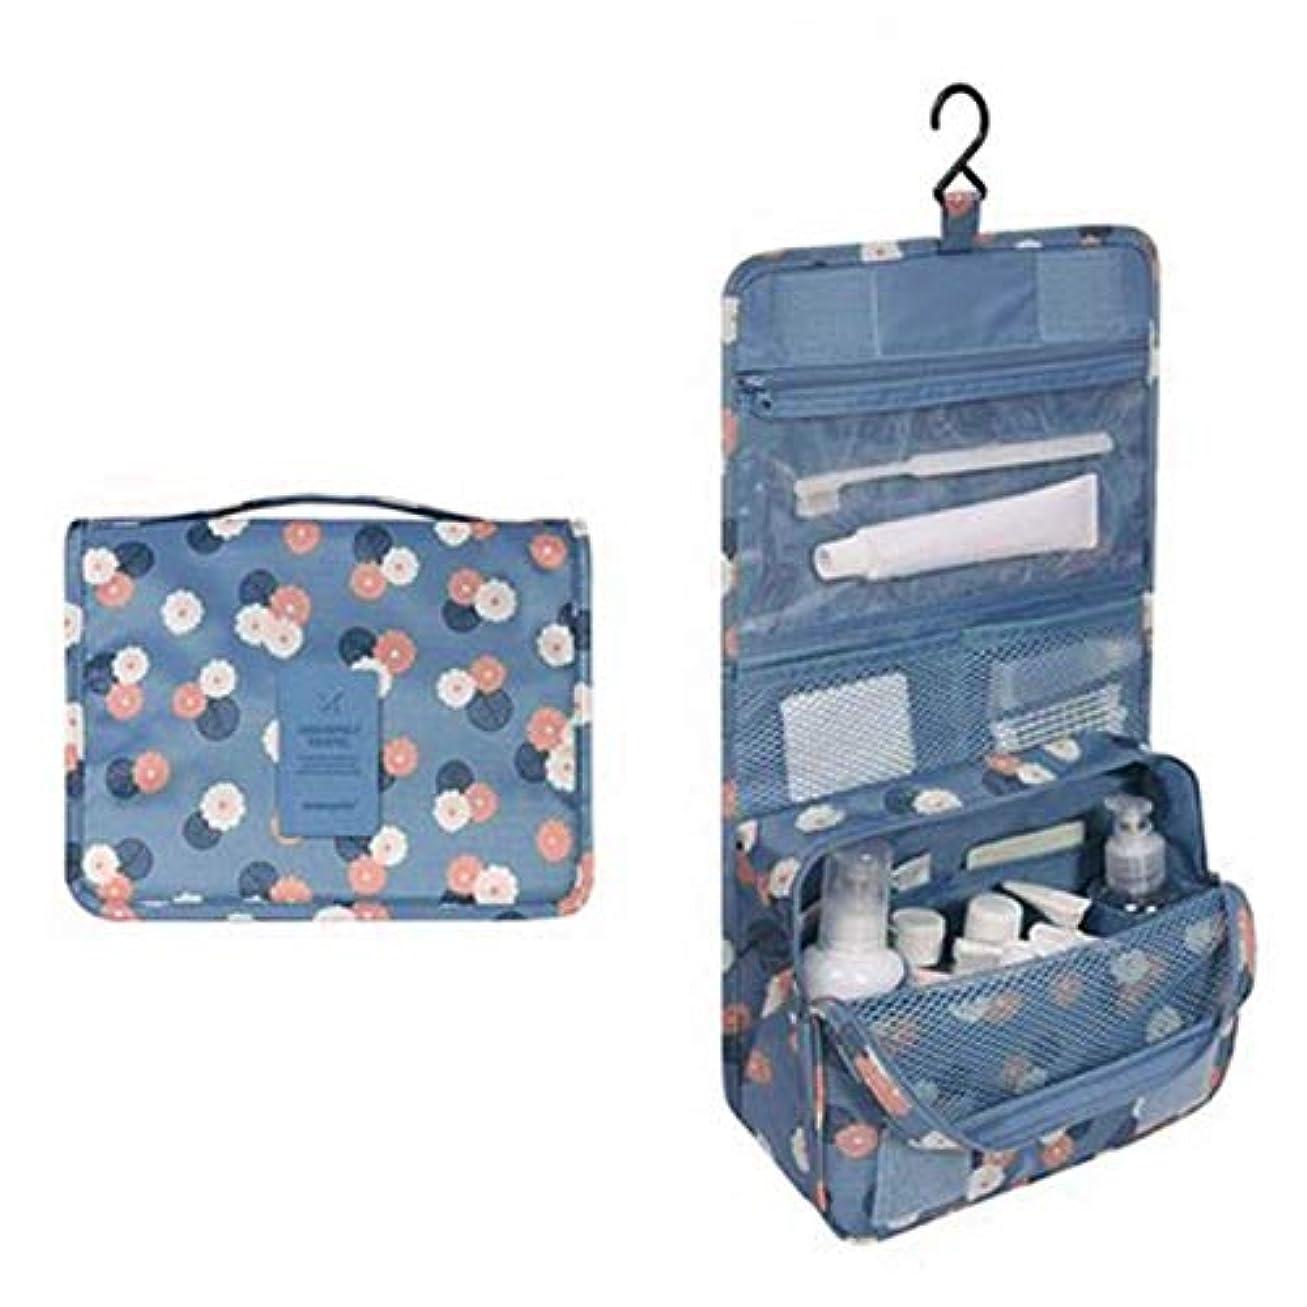 ご近所カナダエキスWadachikis 例外的な女性ジッパーハンギング防水旅行トイレタリーの洗浄化粧品オーガナイザーバッグバッグ(None Picture Color)